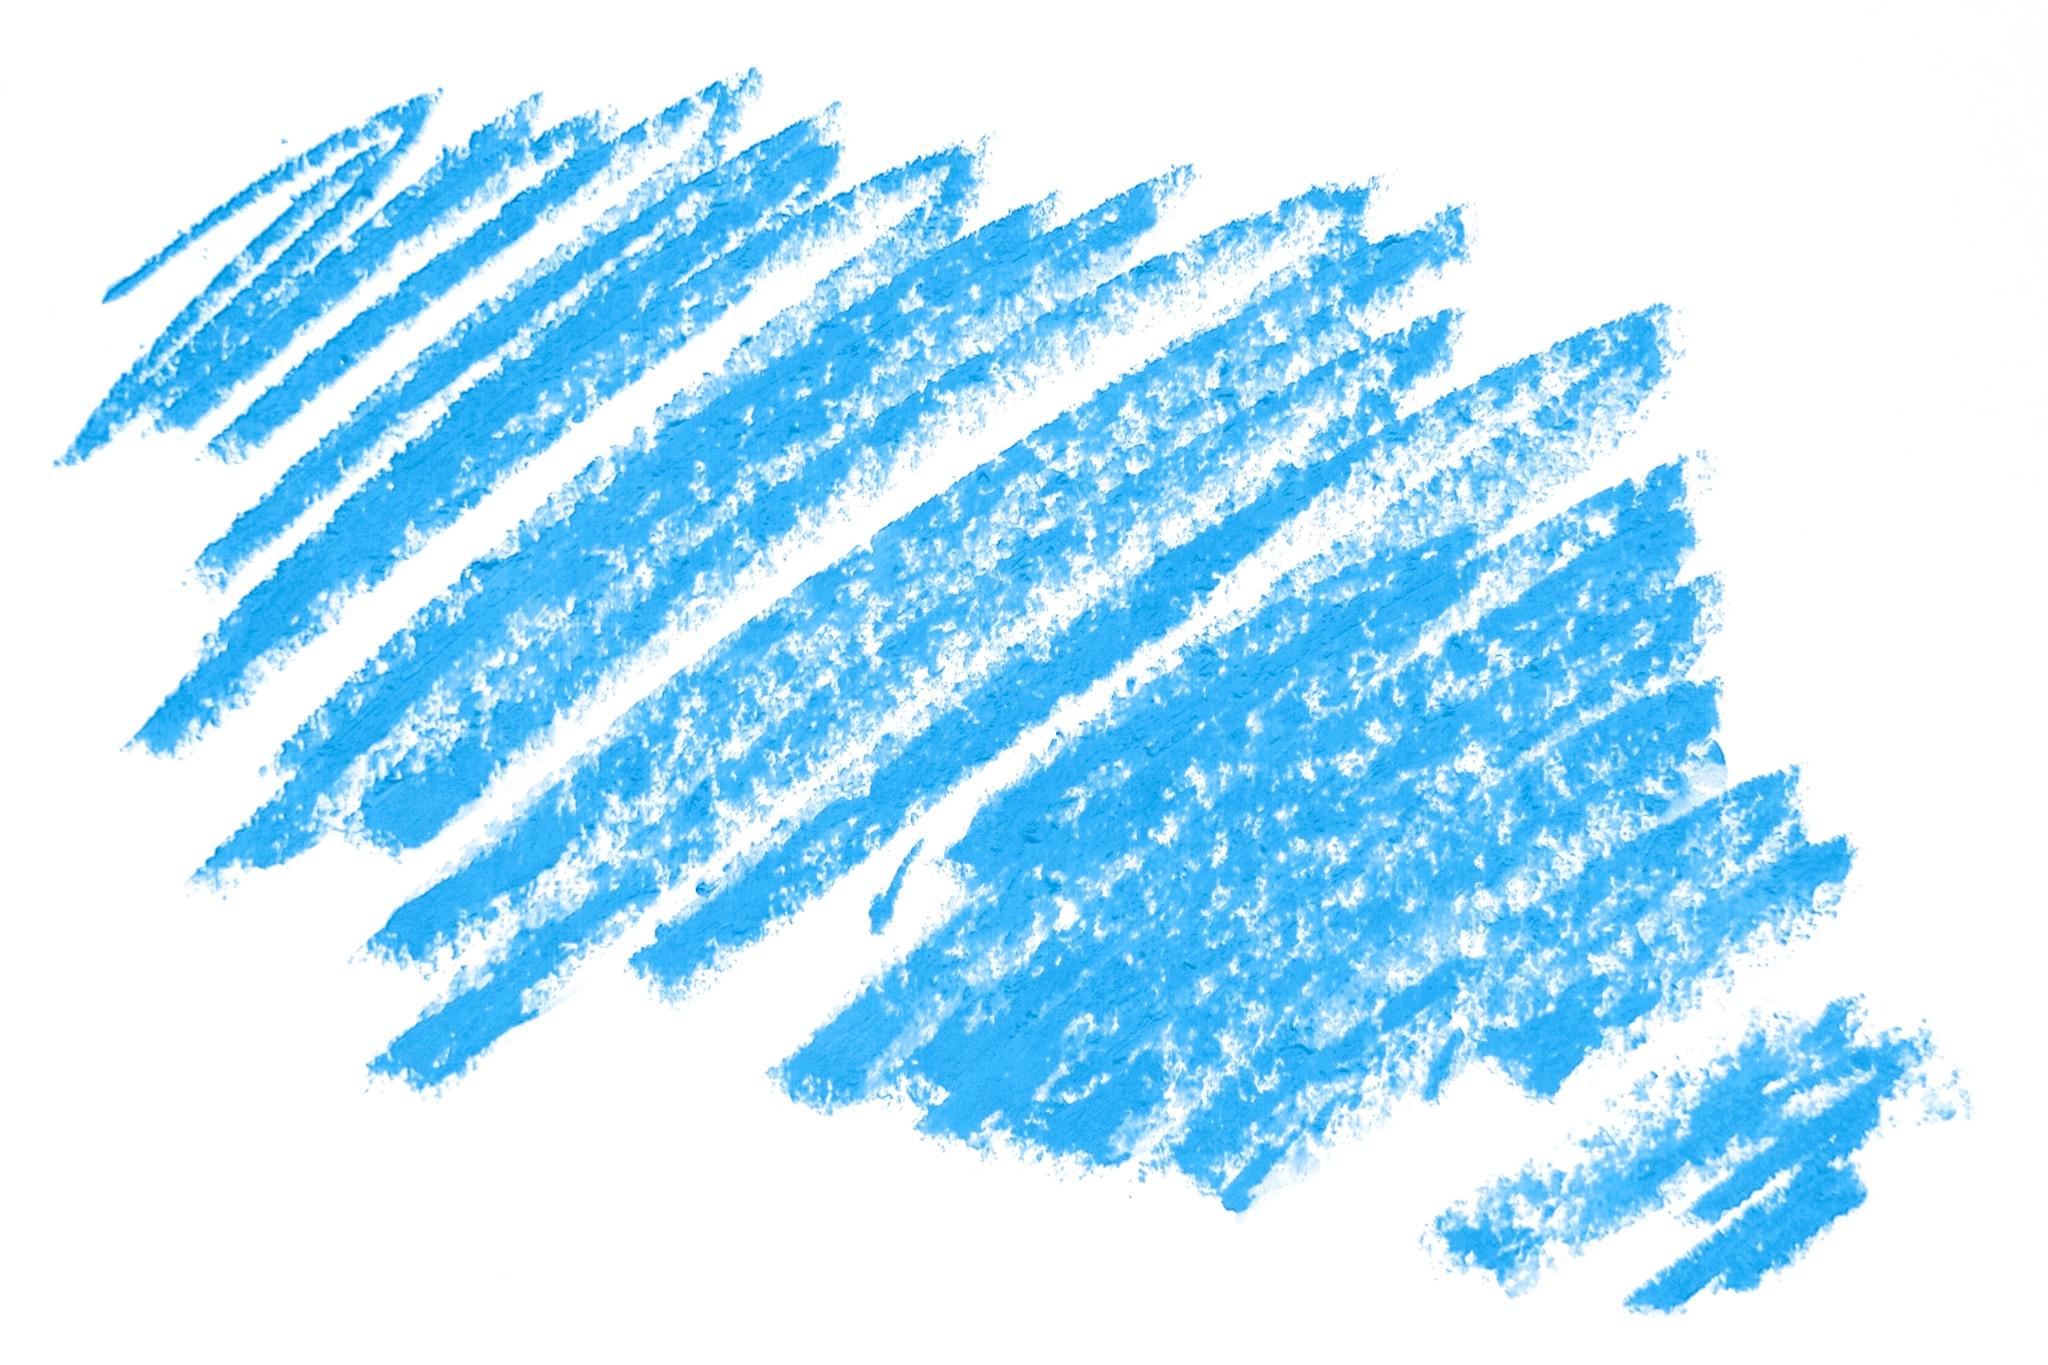 空色のクレヨンのテクスチャ の画像 写真素材を無料ダウンロード フリー素材 Beiz Images